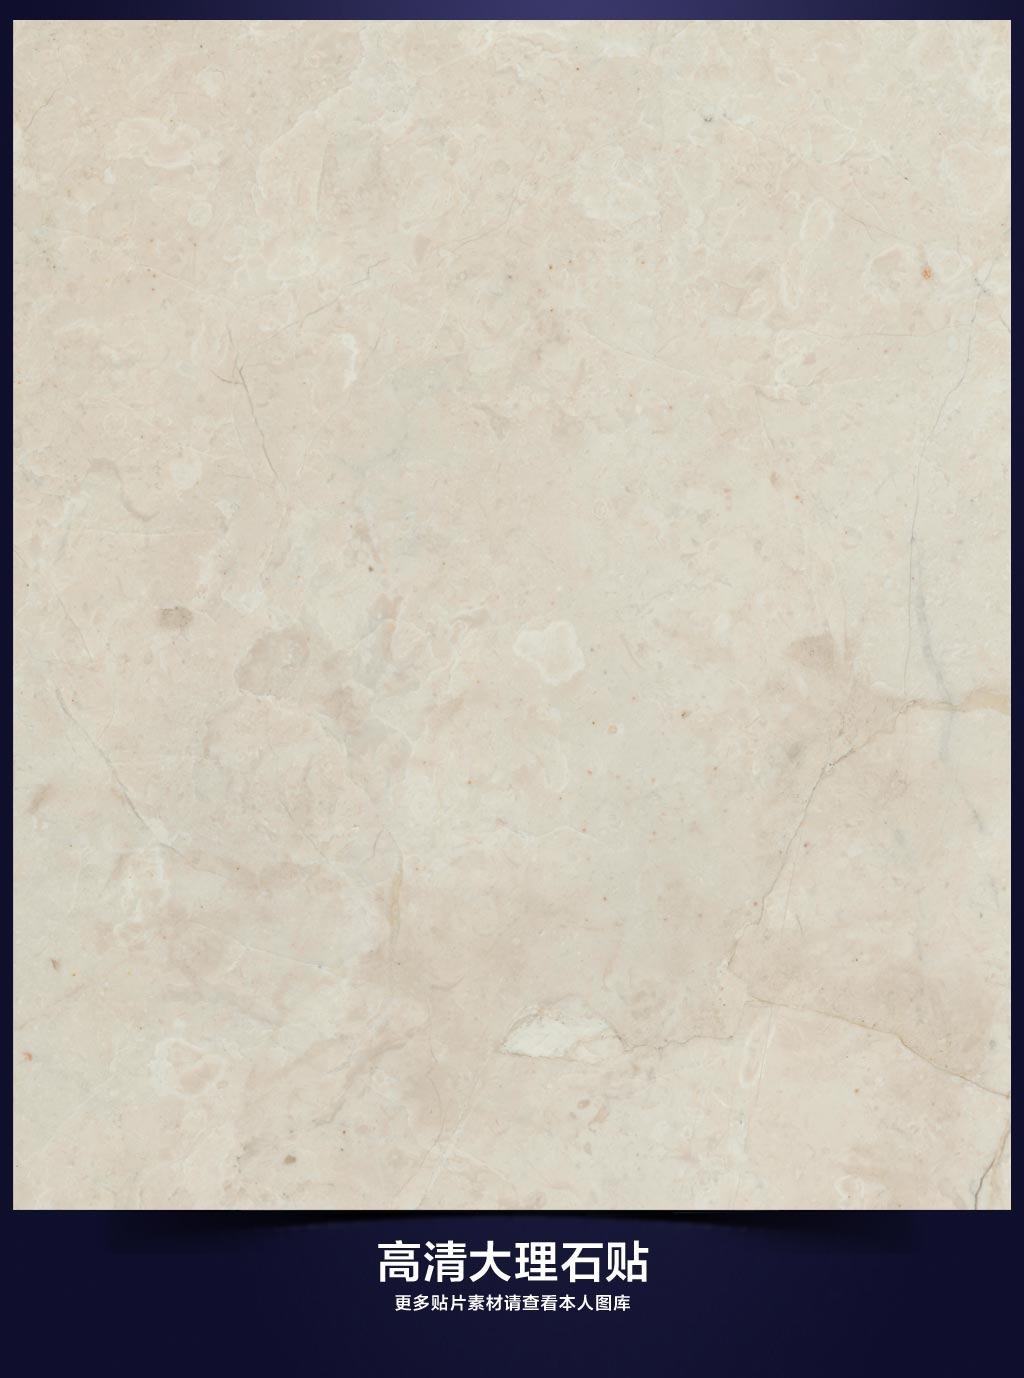 高清浅色大理石纹理贴图